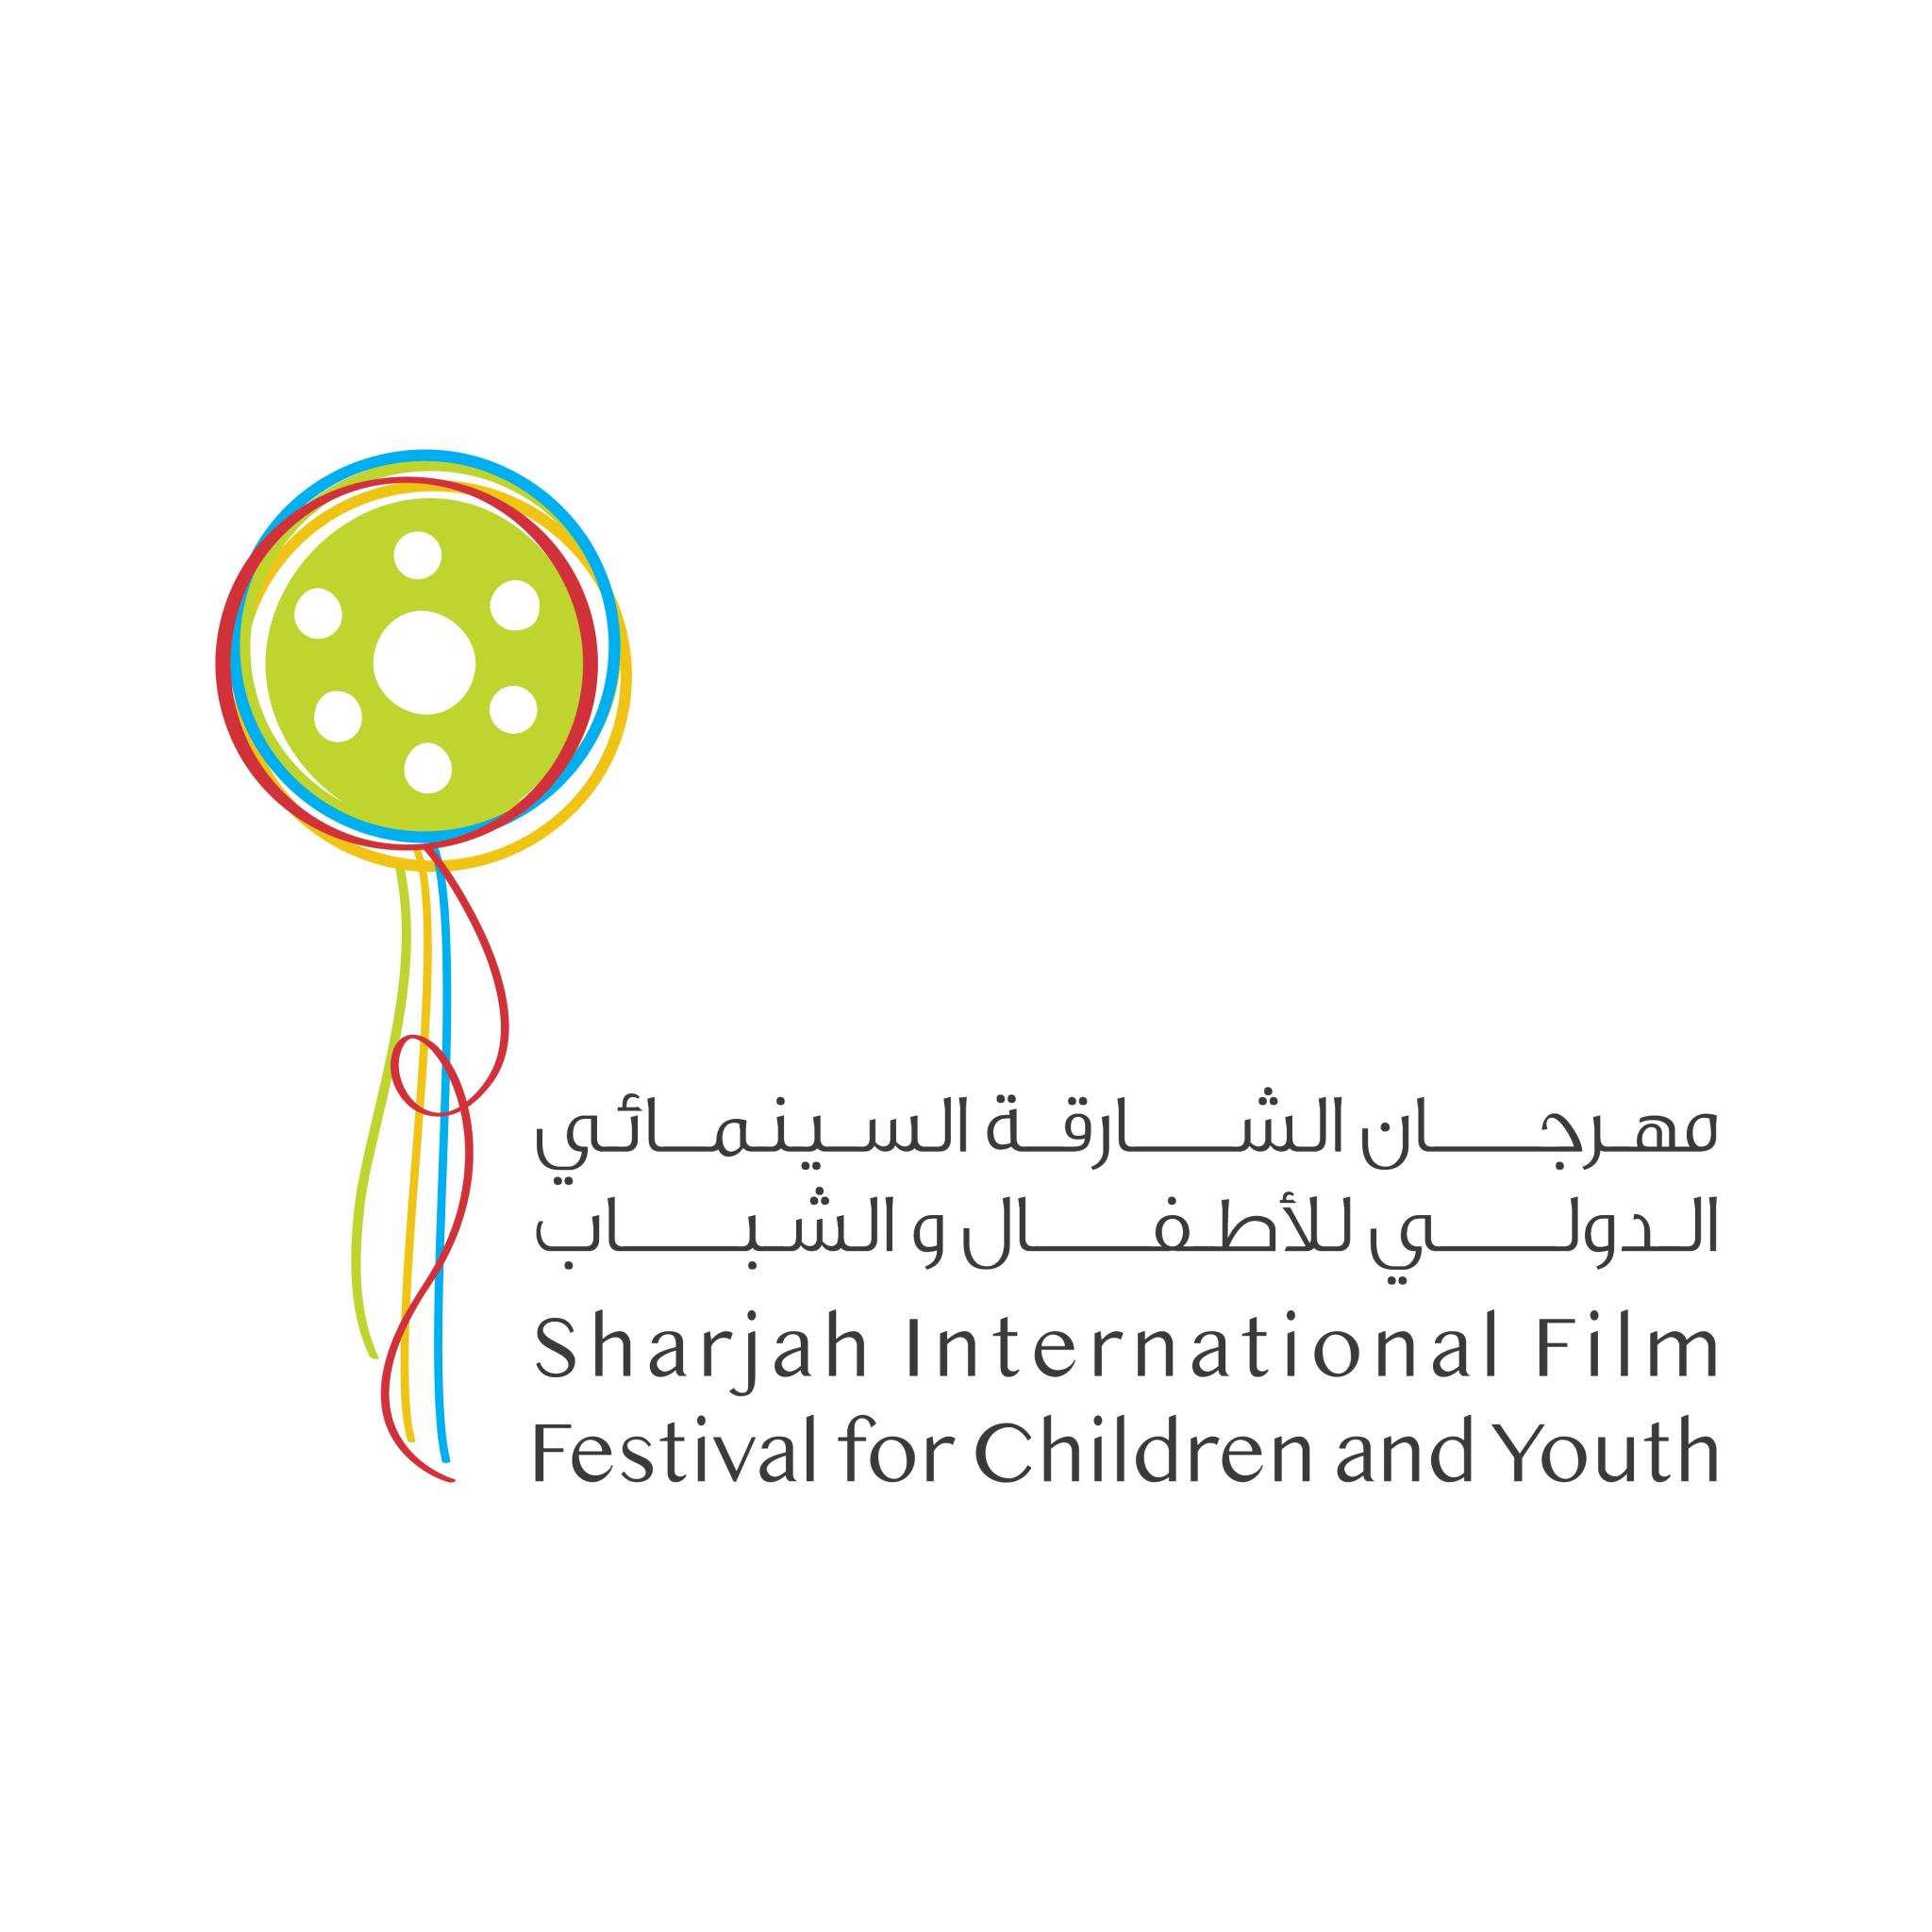 الدورة الثامنة من مهرجان الشارقة السينمائي الدولي 2020